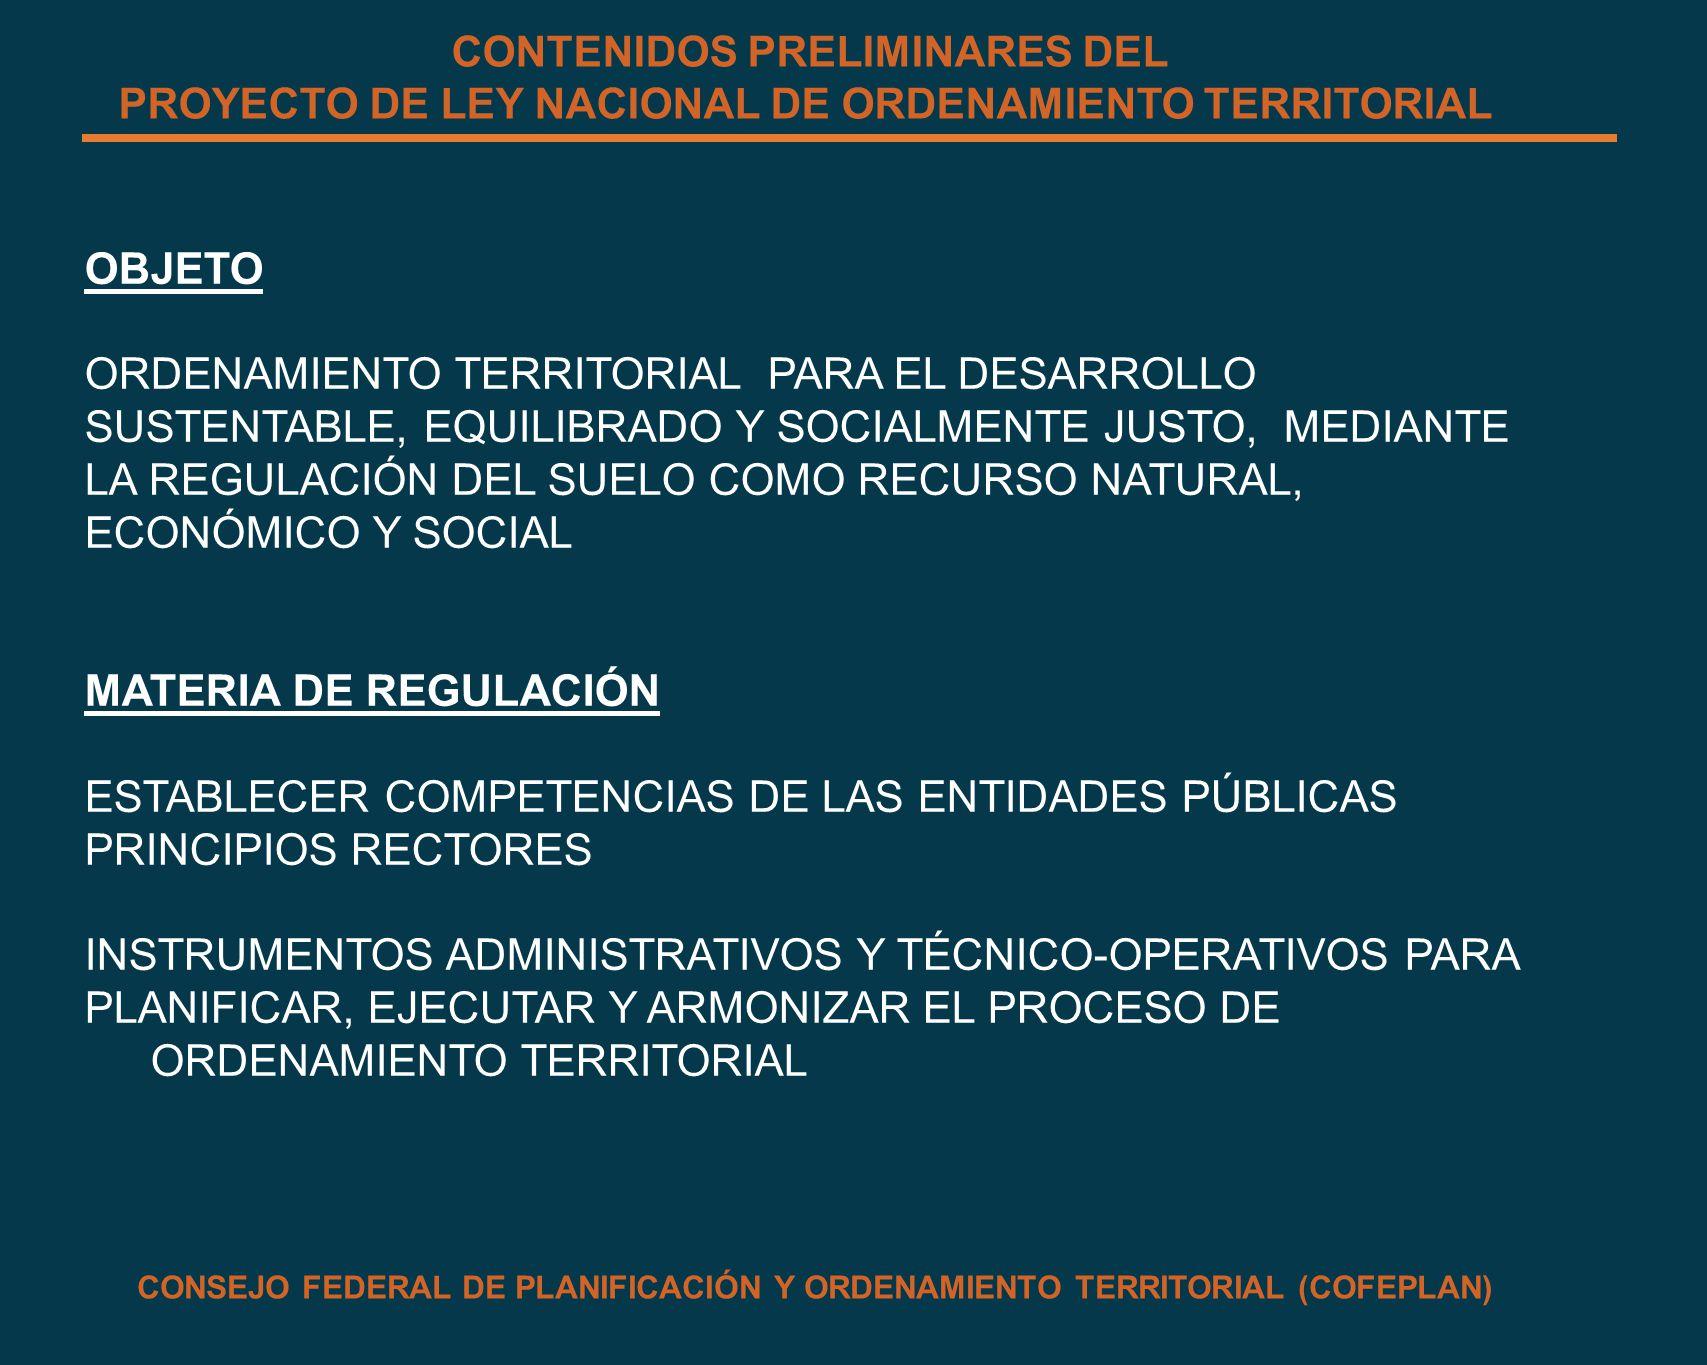 CONTENIDOS PRELIMINARES DEL PROYECTO DE LEY NACIONAL DE ORDENAMIENTO TERRITORIAL OBJETO ORDENAMIENTO TERRITORIAL PARA EL DESARROLLO SUSTENTABLE, EQUIL